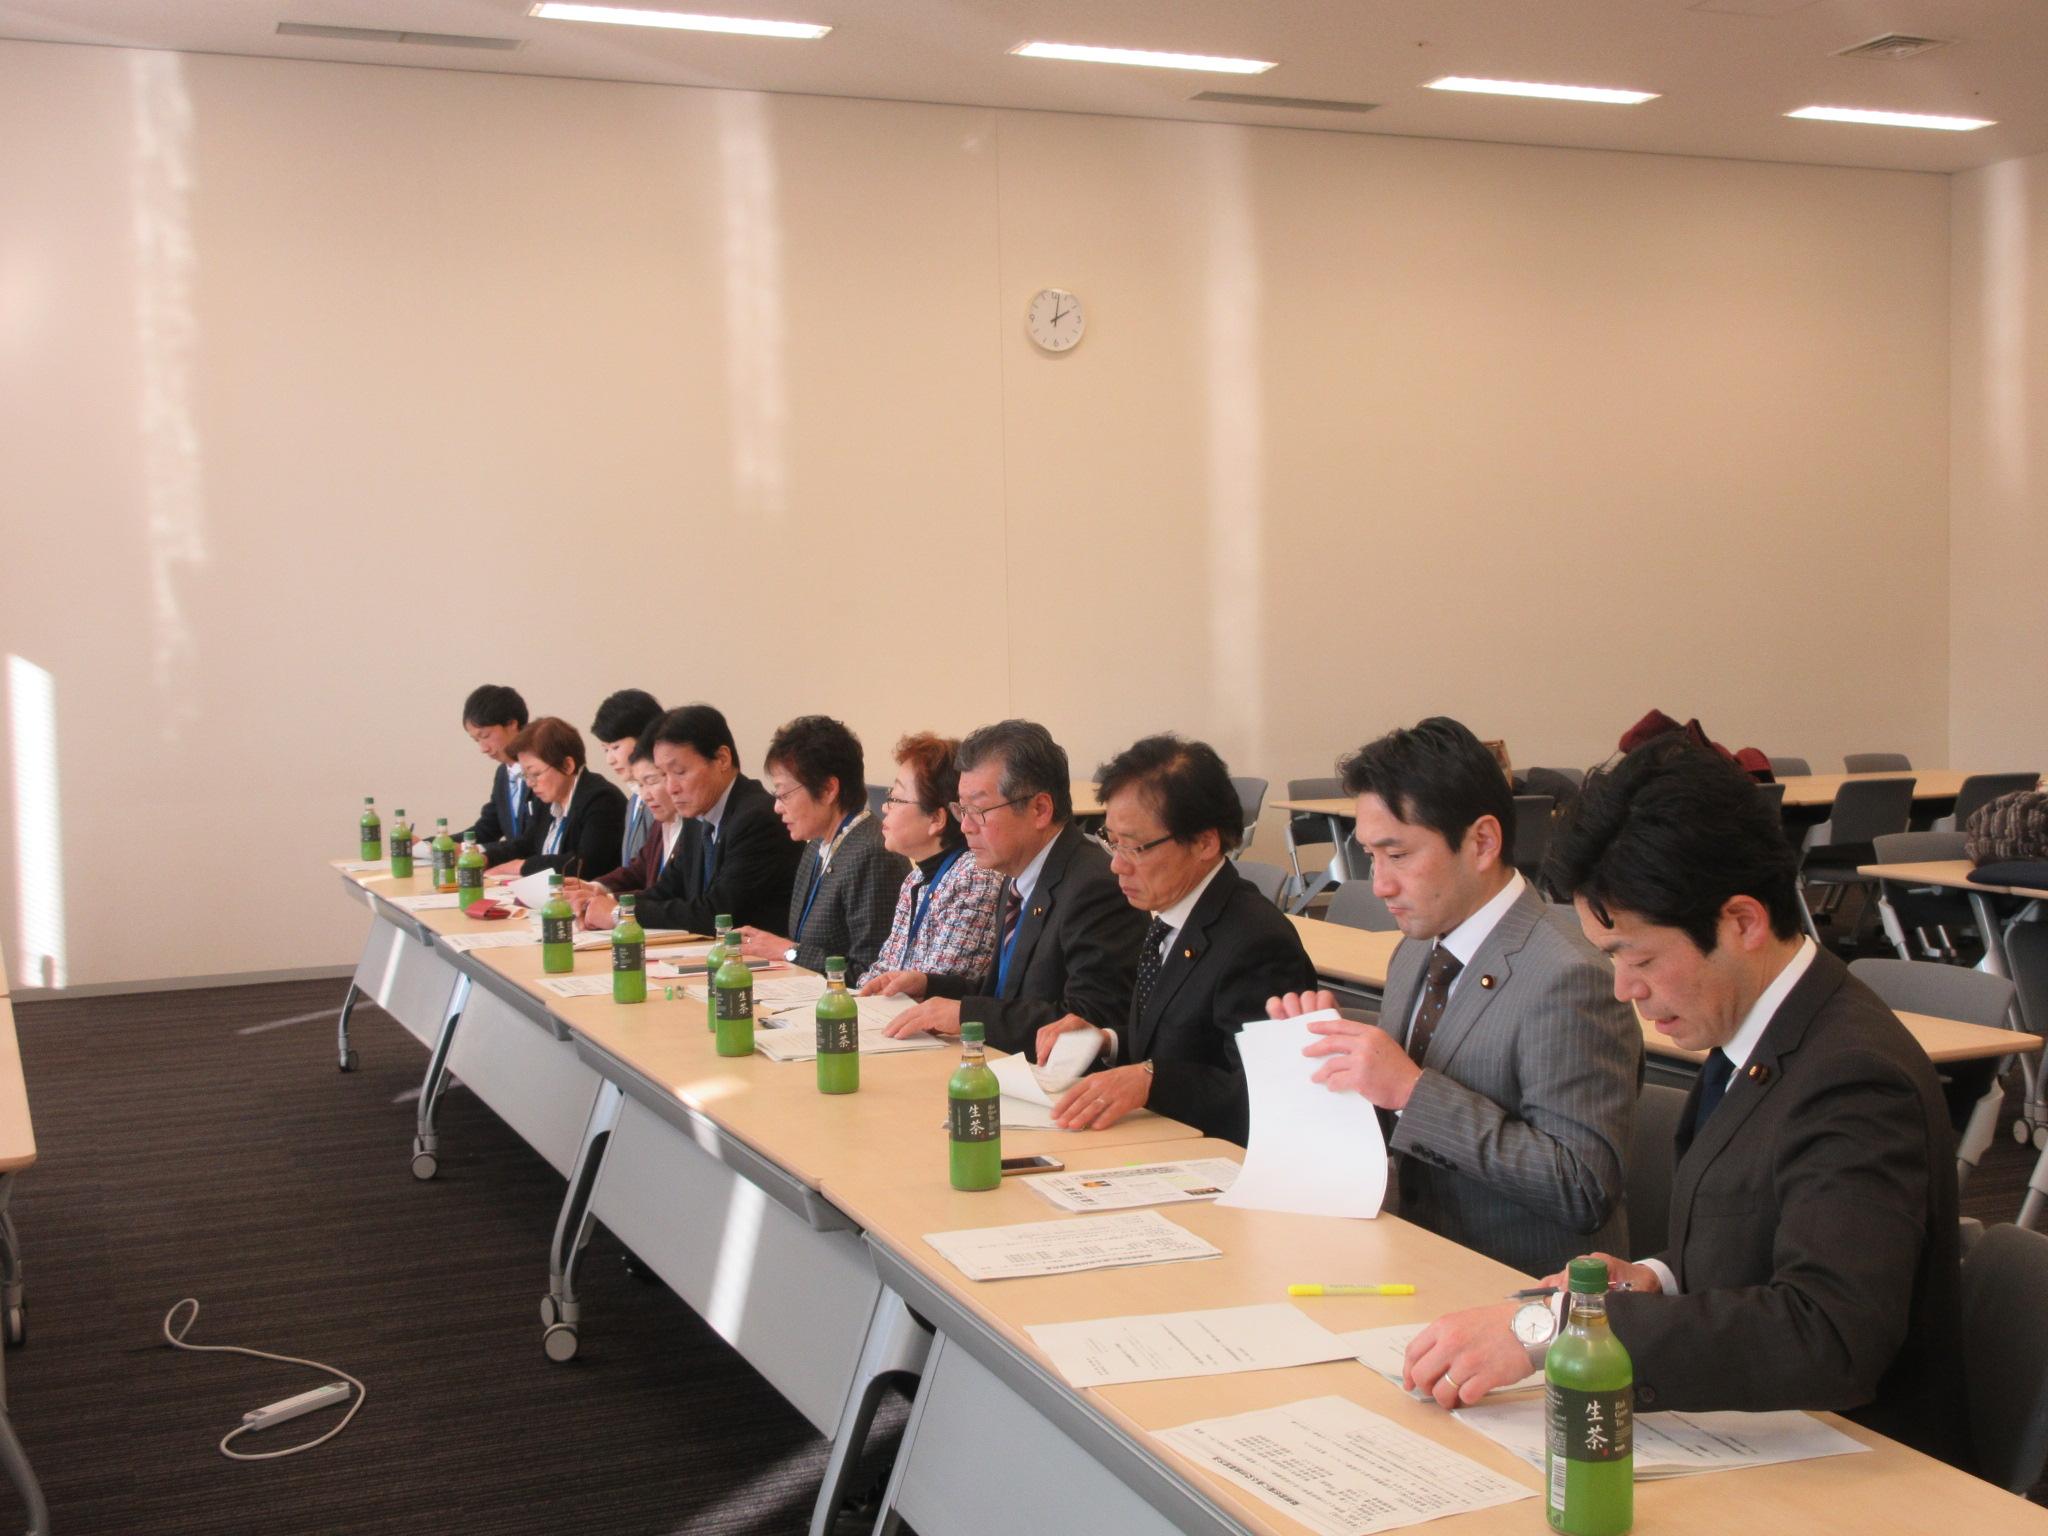 http://www.inoue-satoshi.com/diary/IMG_7928.JPG